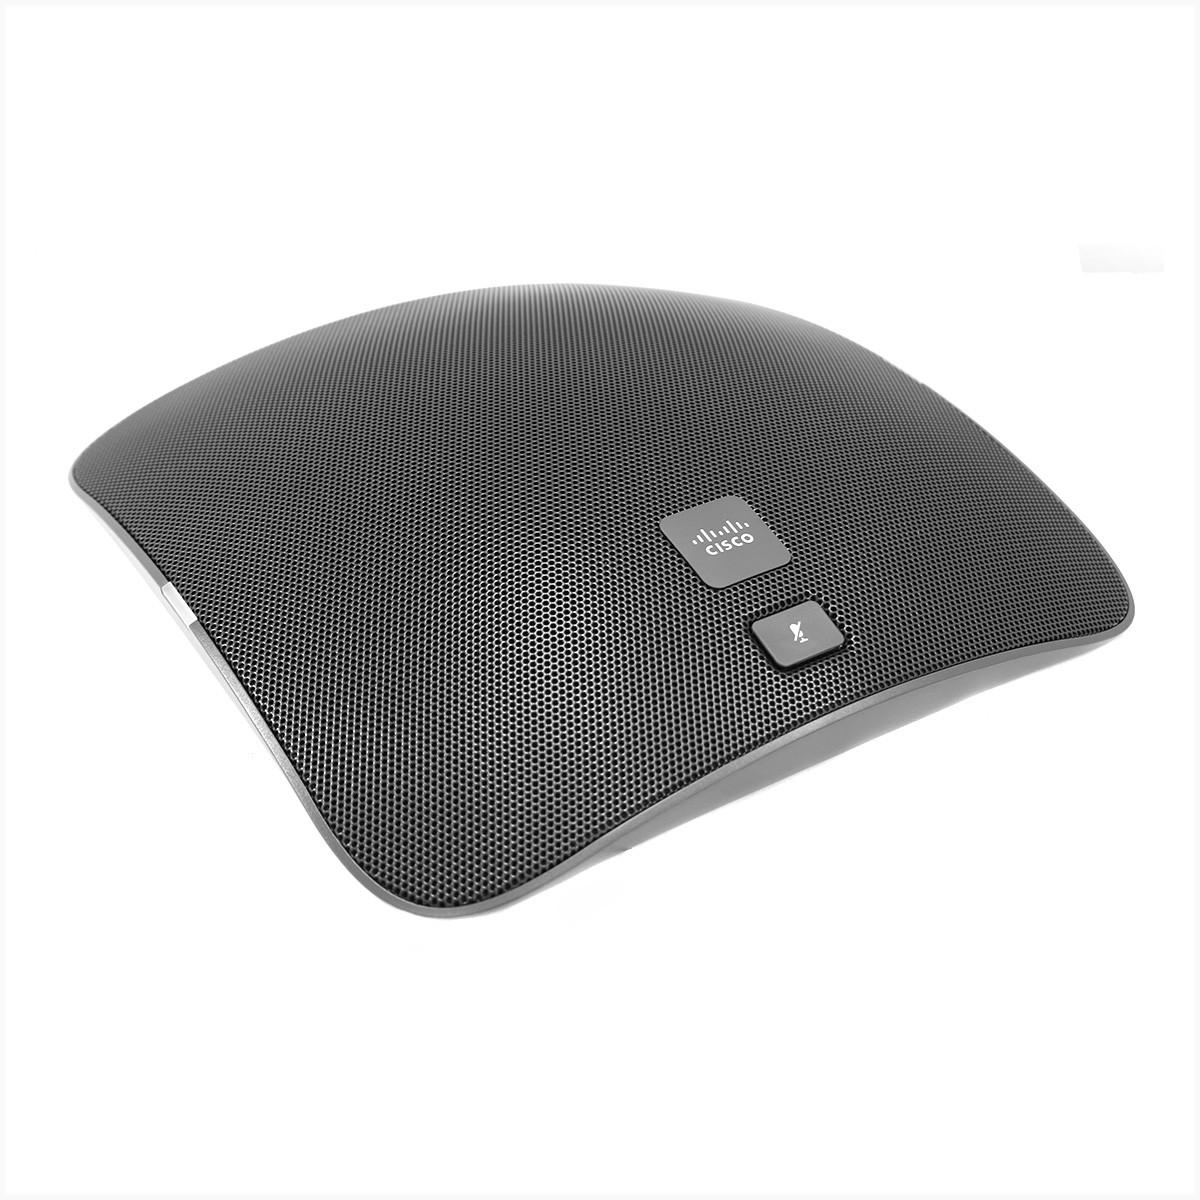 Cisco ip conference phone 8831 base de alto-falante - usado